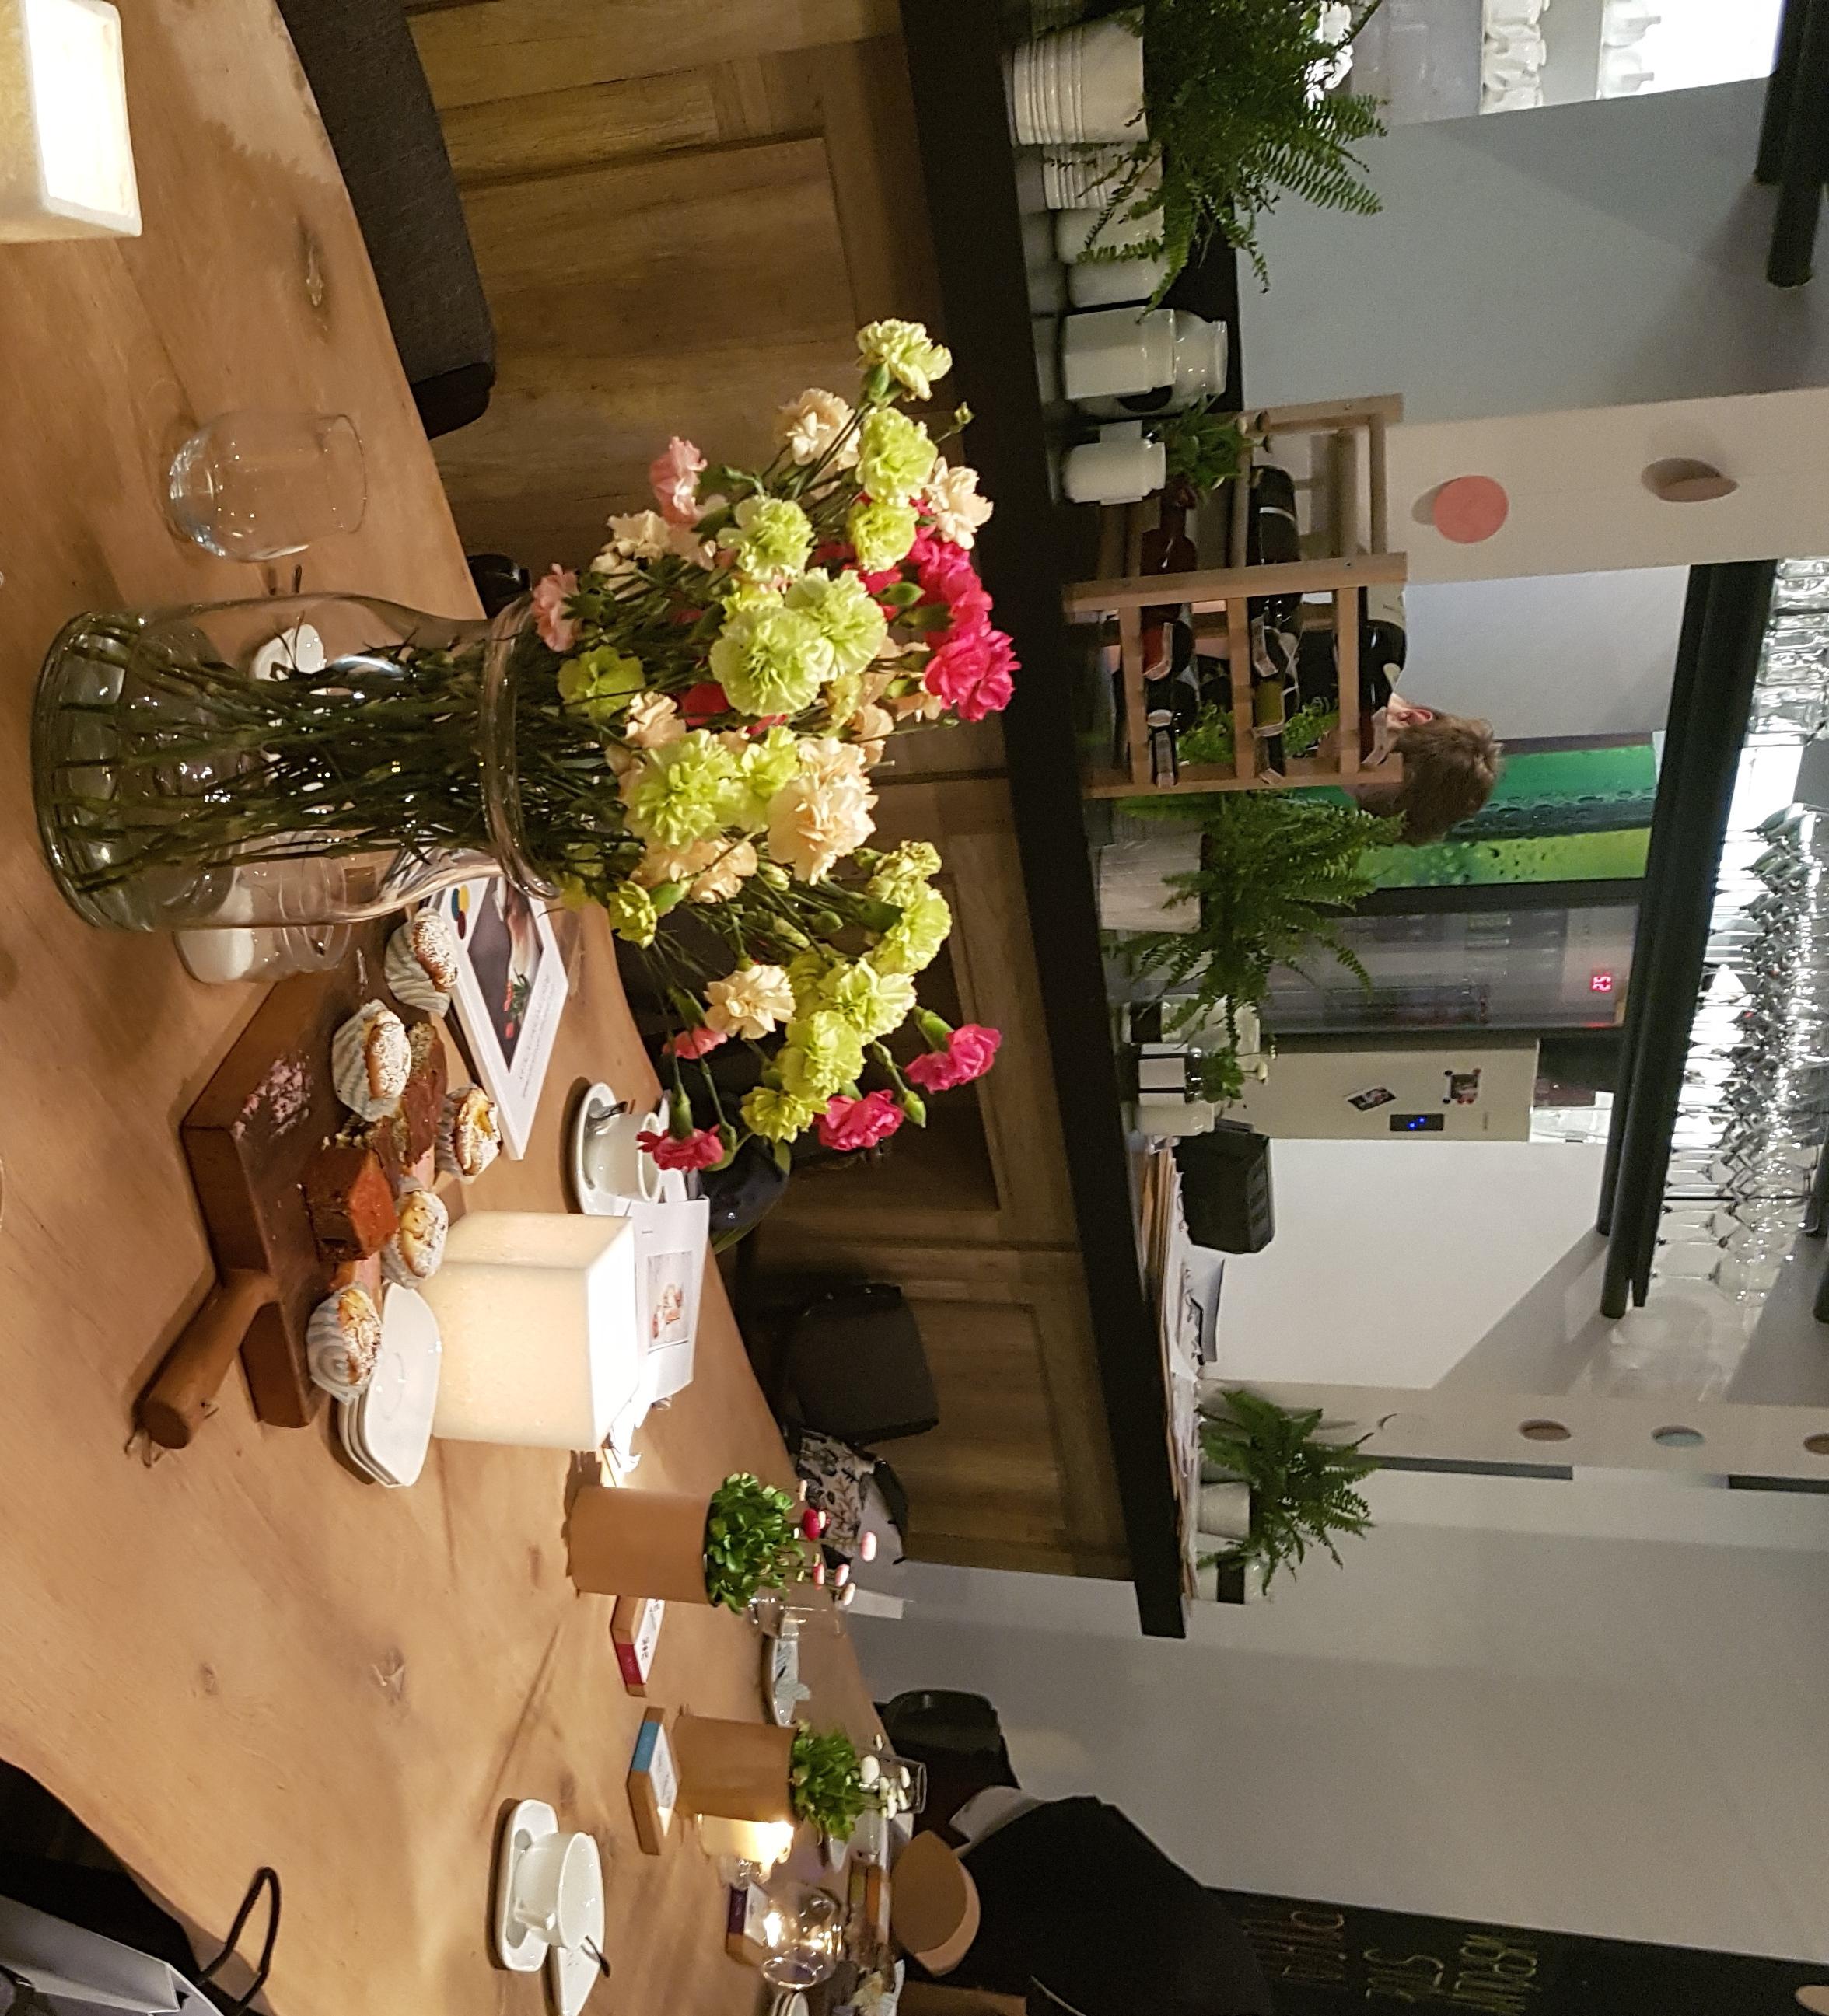 świece zapachowe marki Olynk na spotkaniach przy blasku.